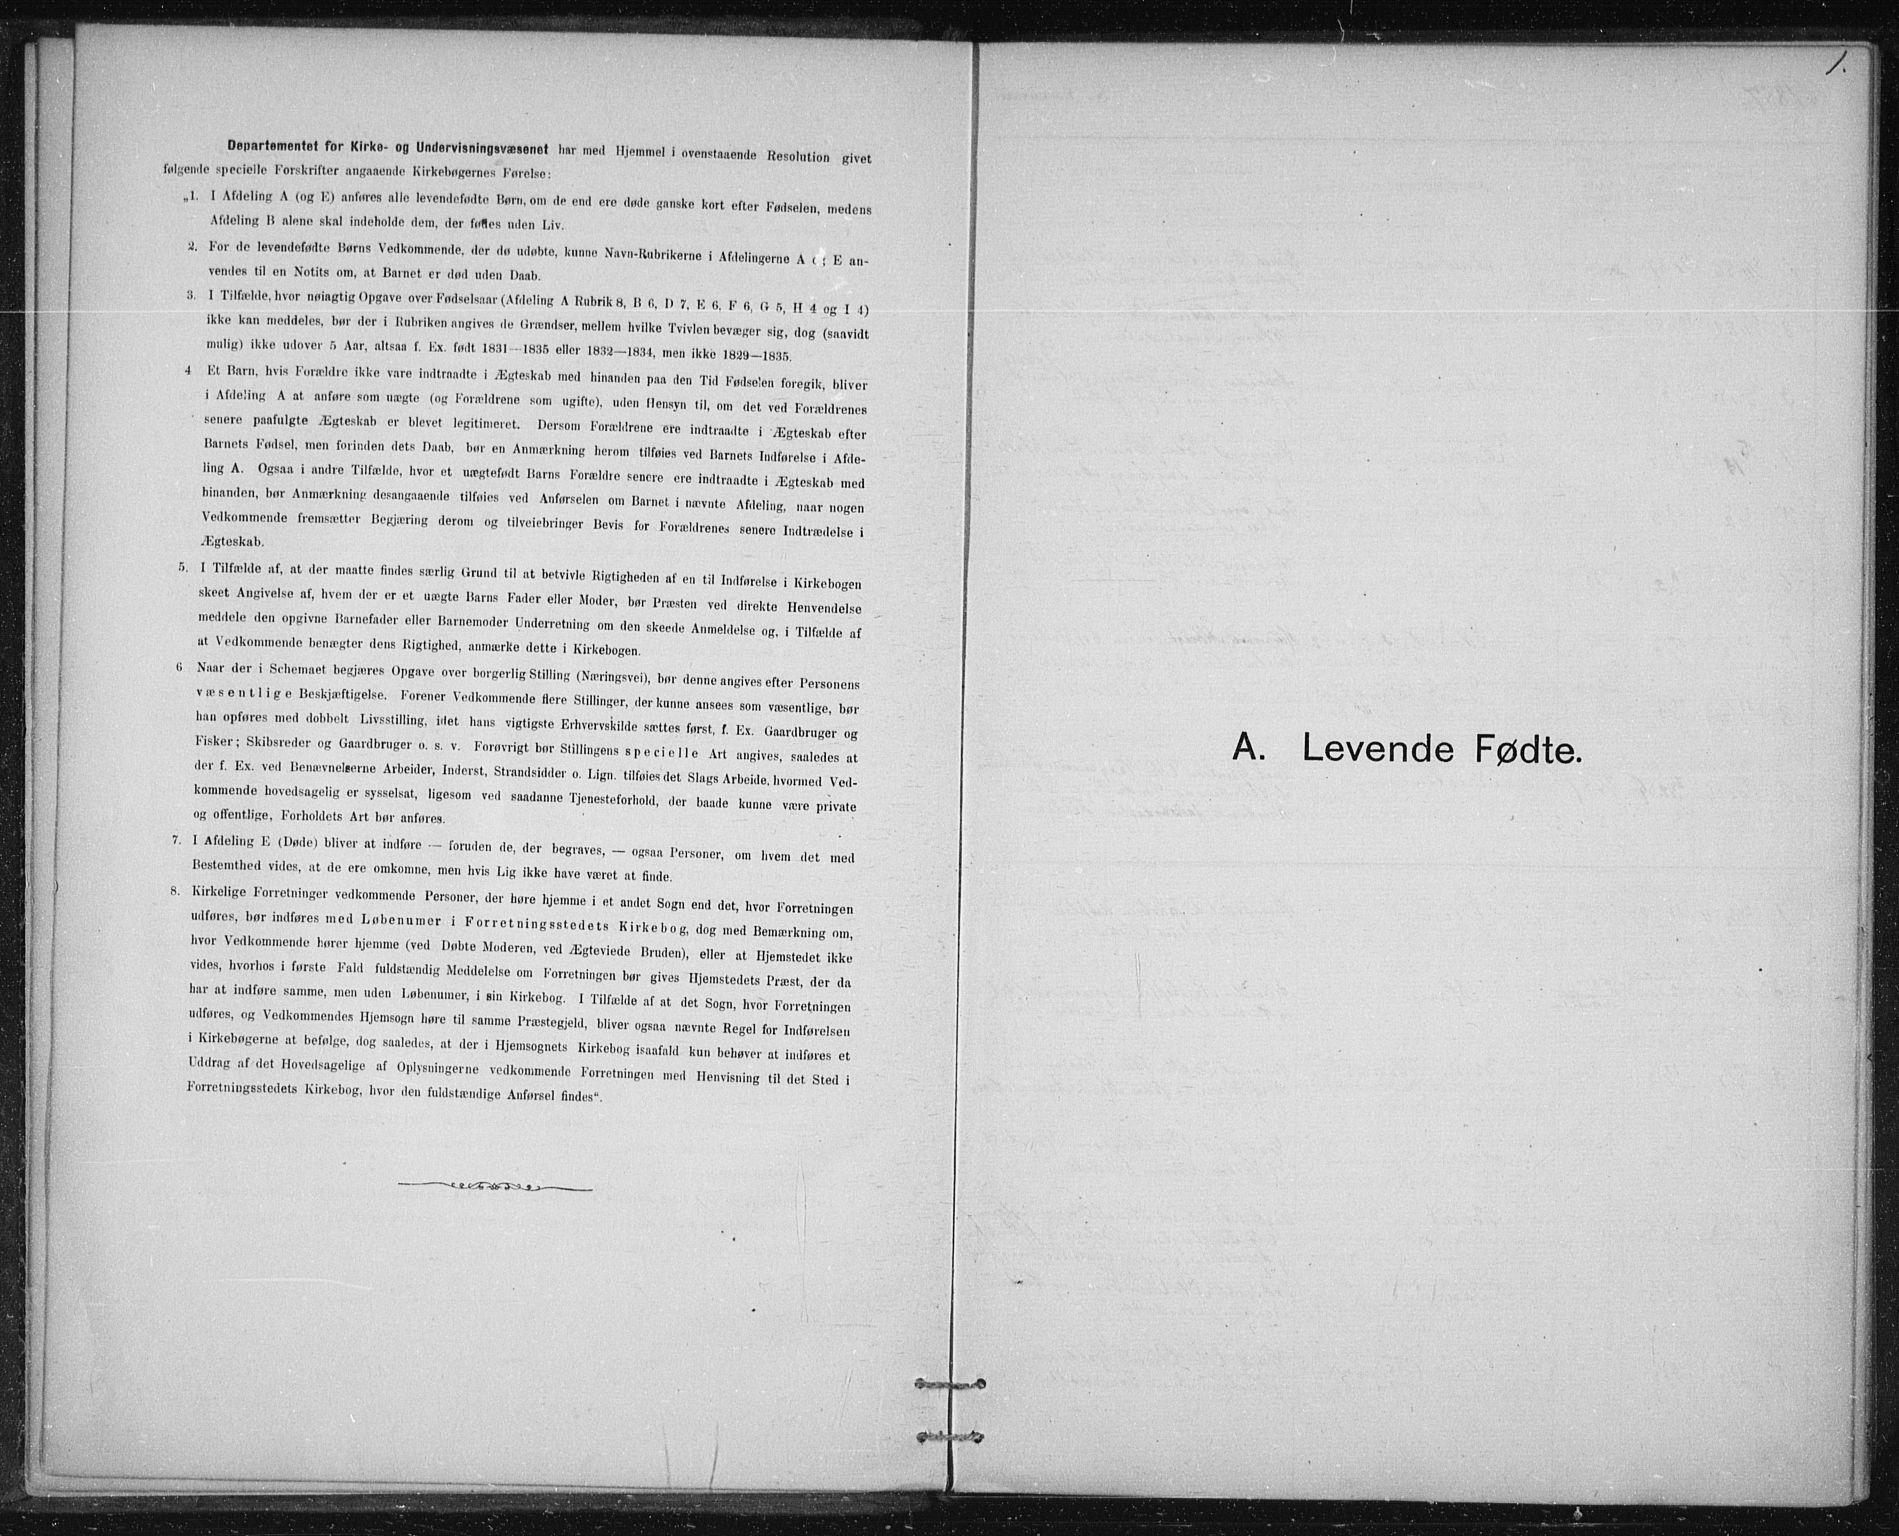 SAT, Ministerialprotokoller, klokkerbøker og fødselsregistre - Sør-Trøndelag, 613/L0392: Ministerialbok nr. 613A01, 1887-1906, s. 1